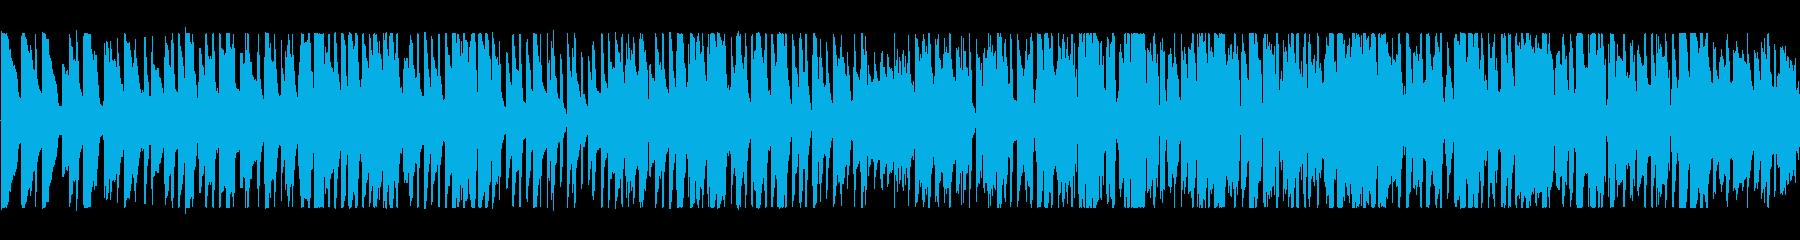 かわいいグロッケンのワルツの再生済みの波形